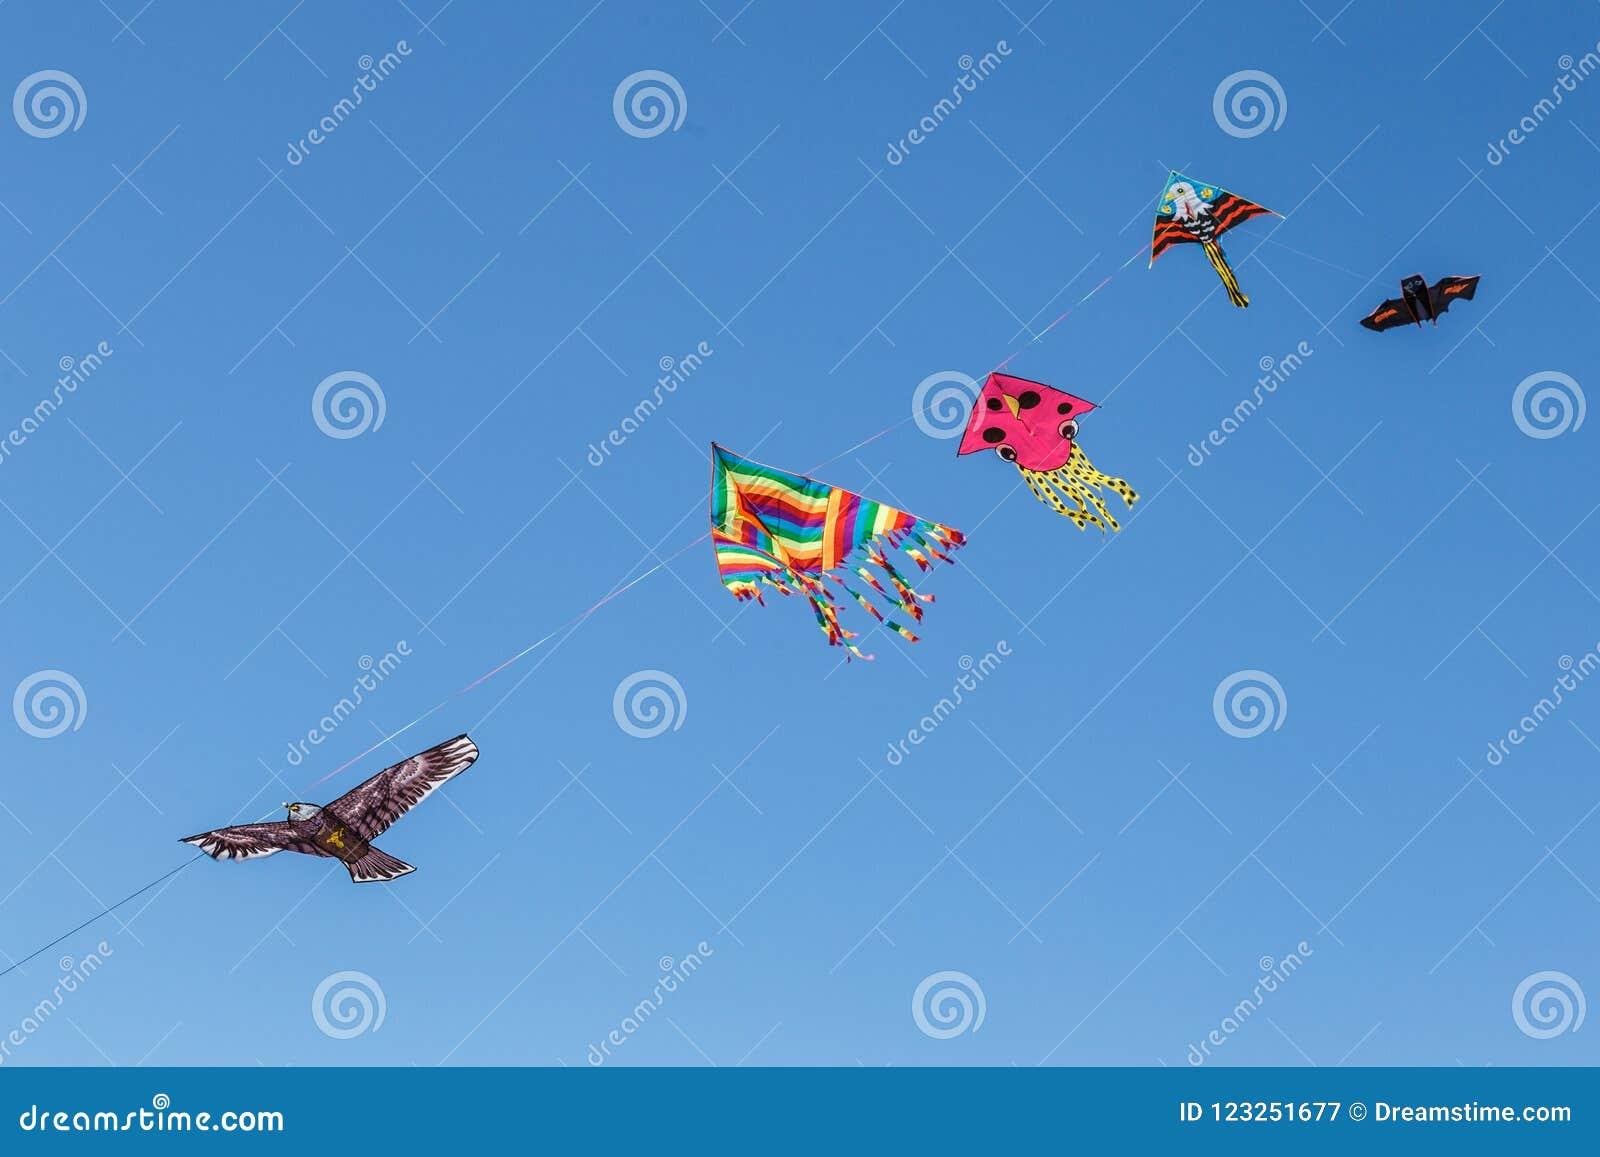 Bunte Drachen, die in einen Himmel schwimmen